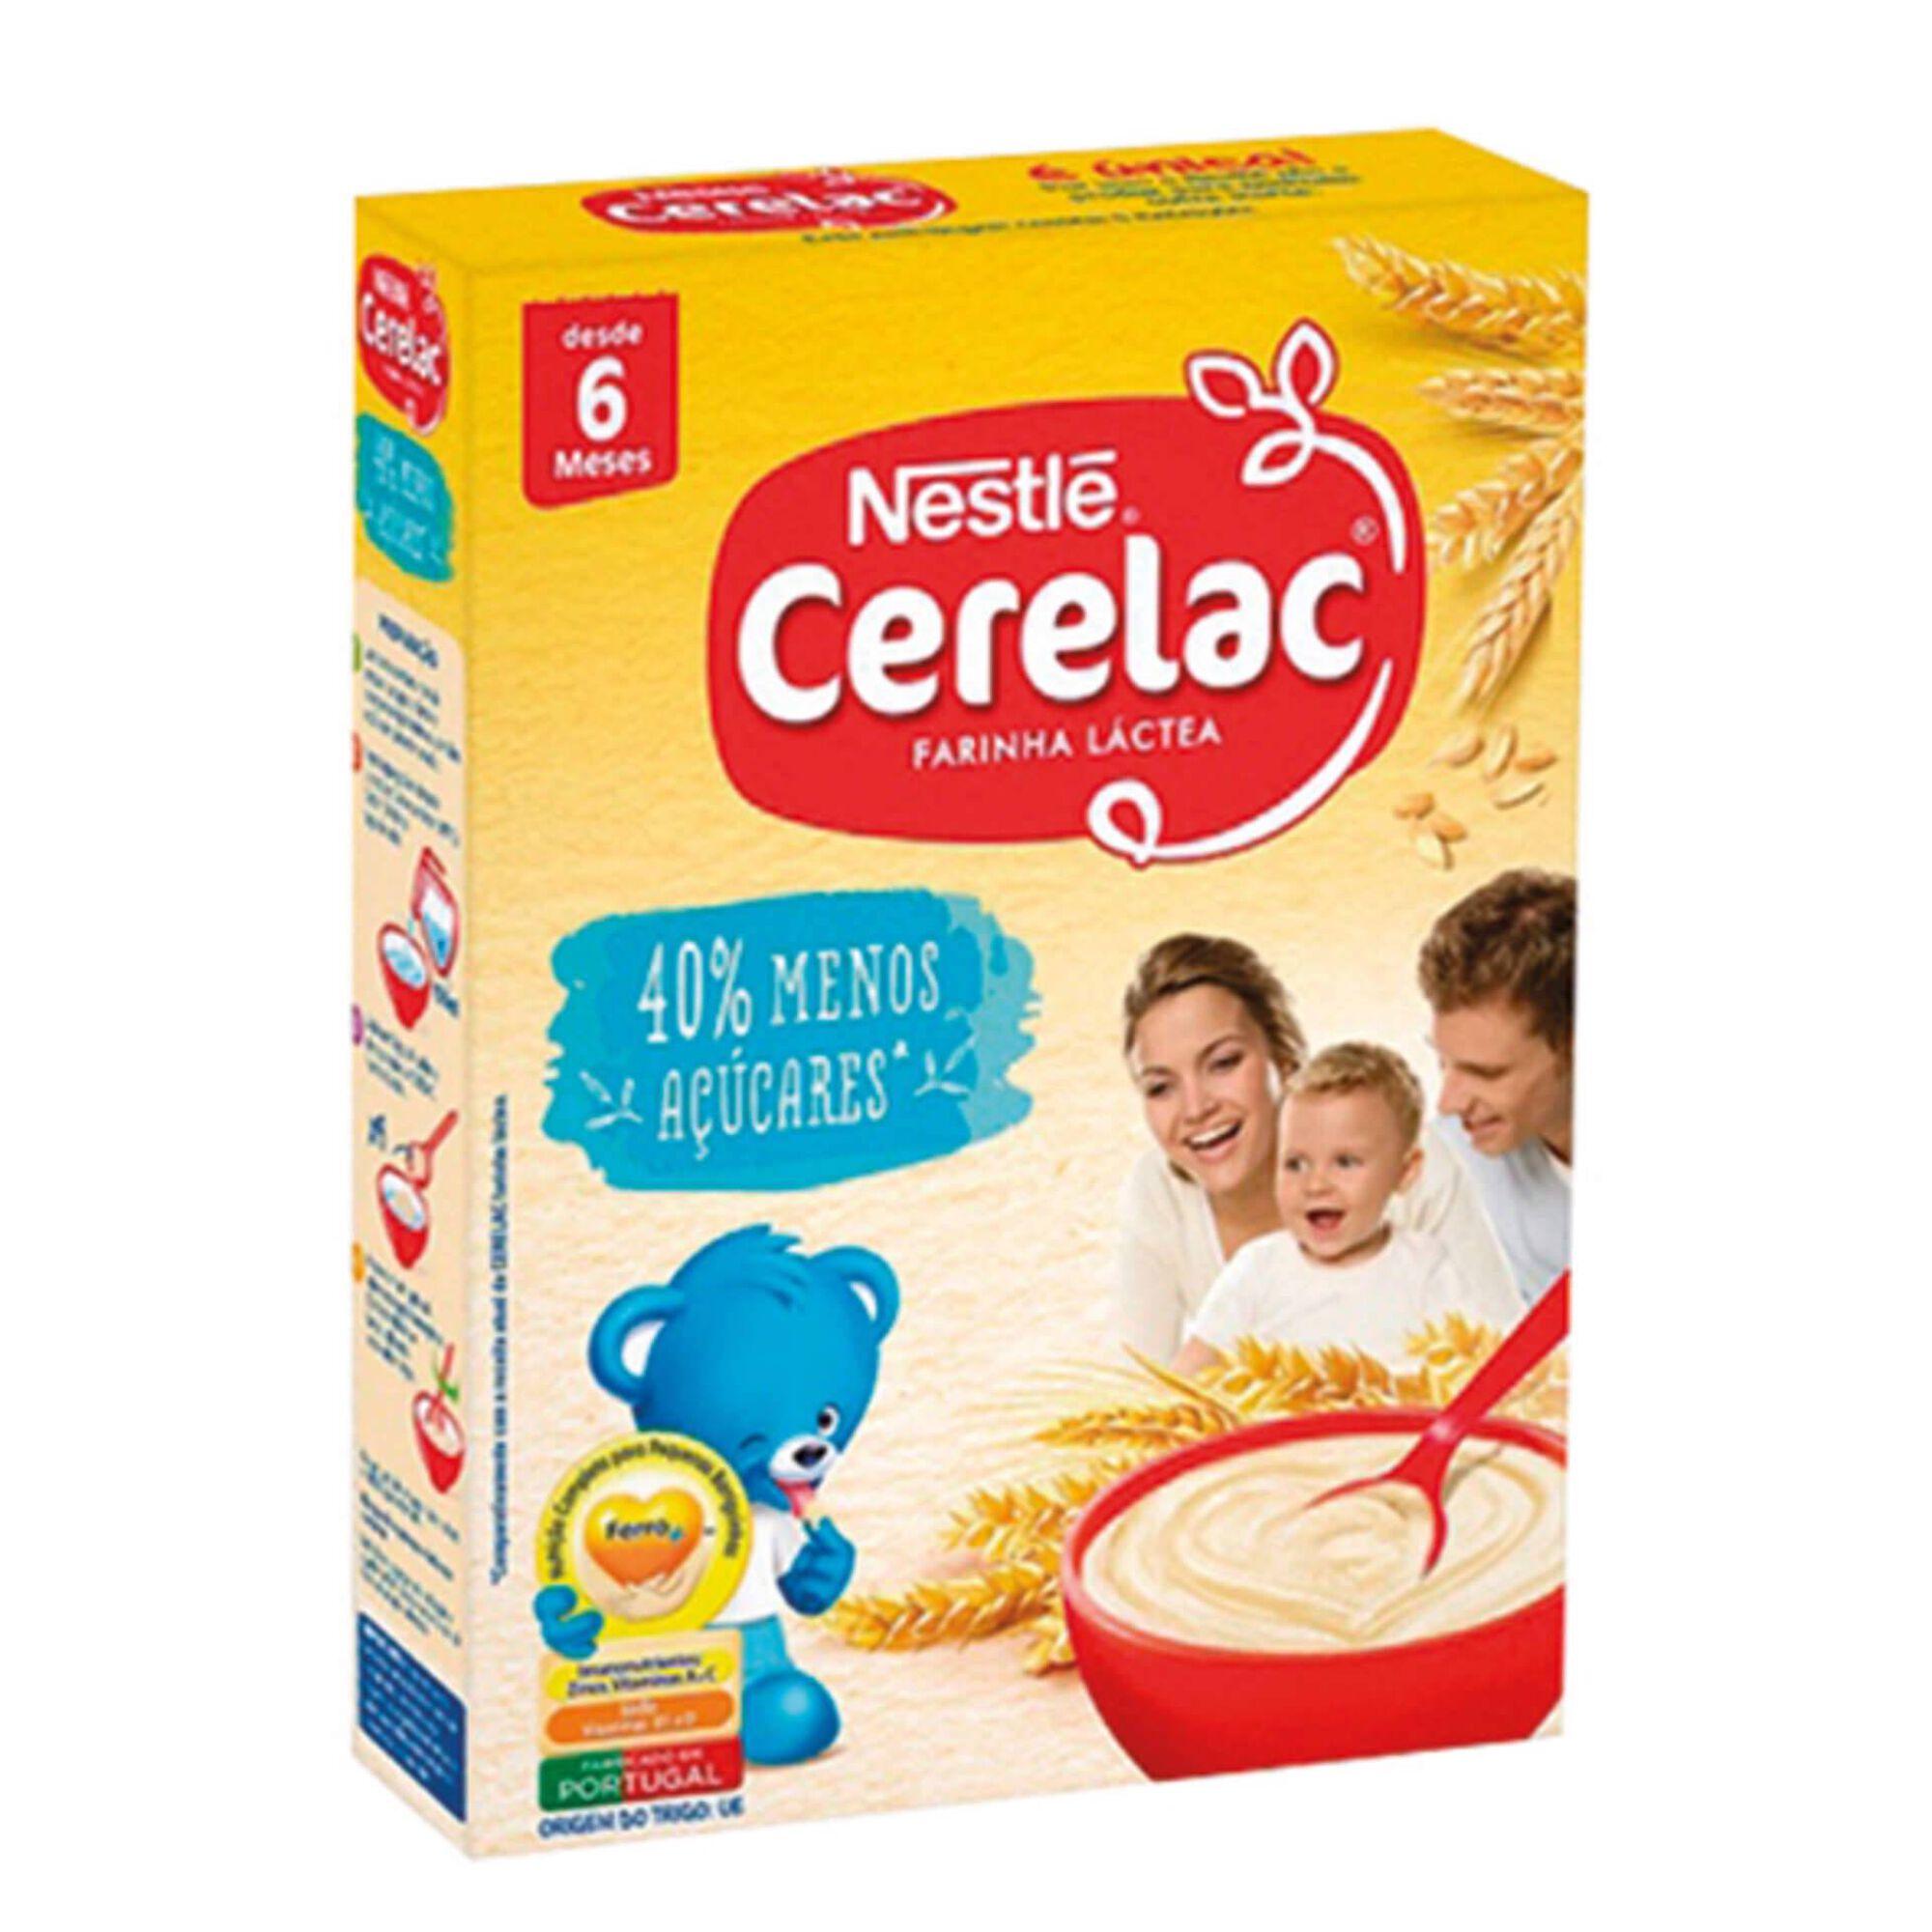 Papa Infantil Farinha Láctea com 40% Menos Açúcares +6 Meses